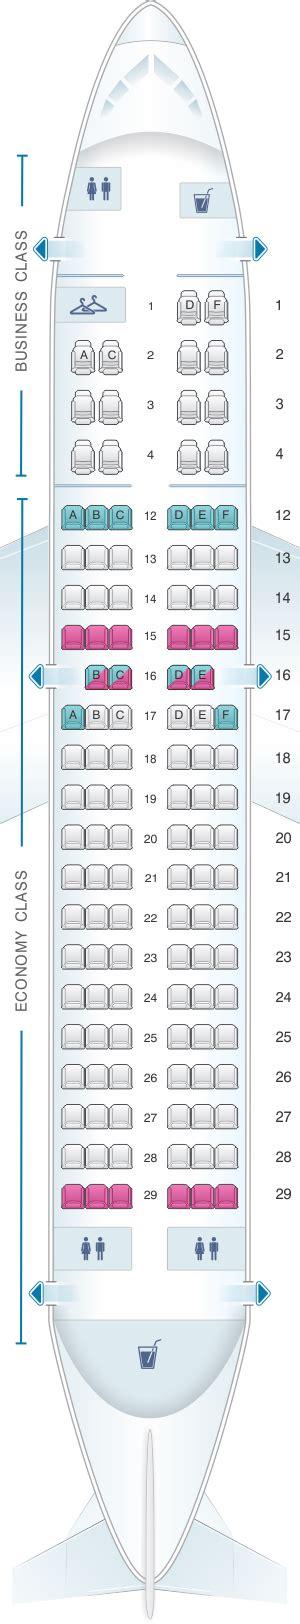 siege avion air plan de cabine air canada airbus a319 100 config 1